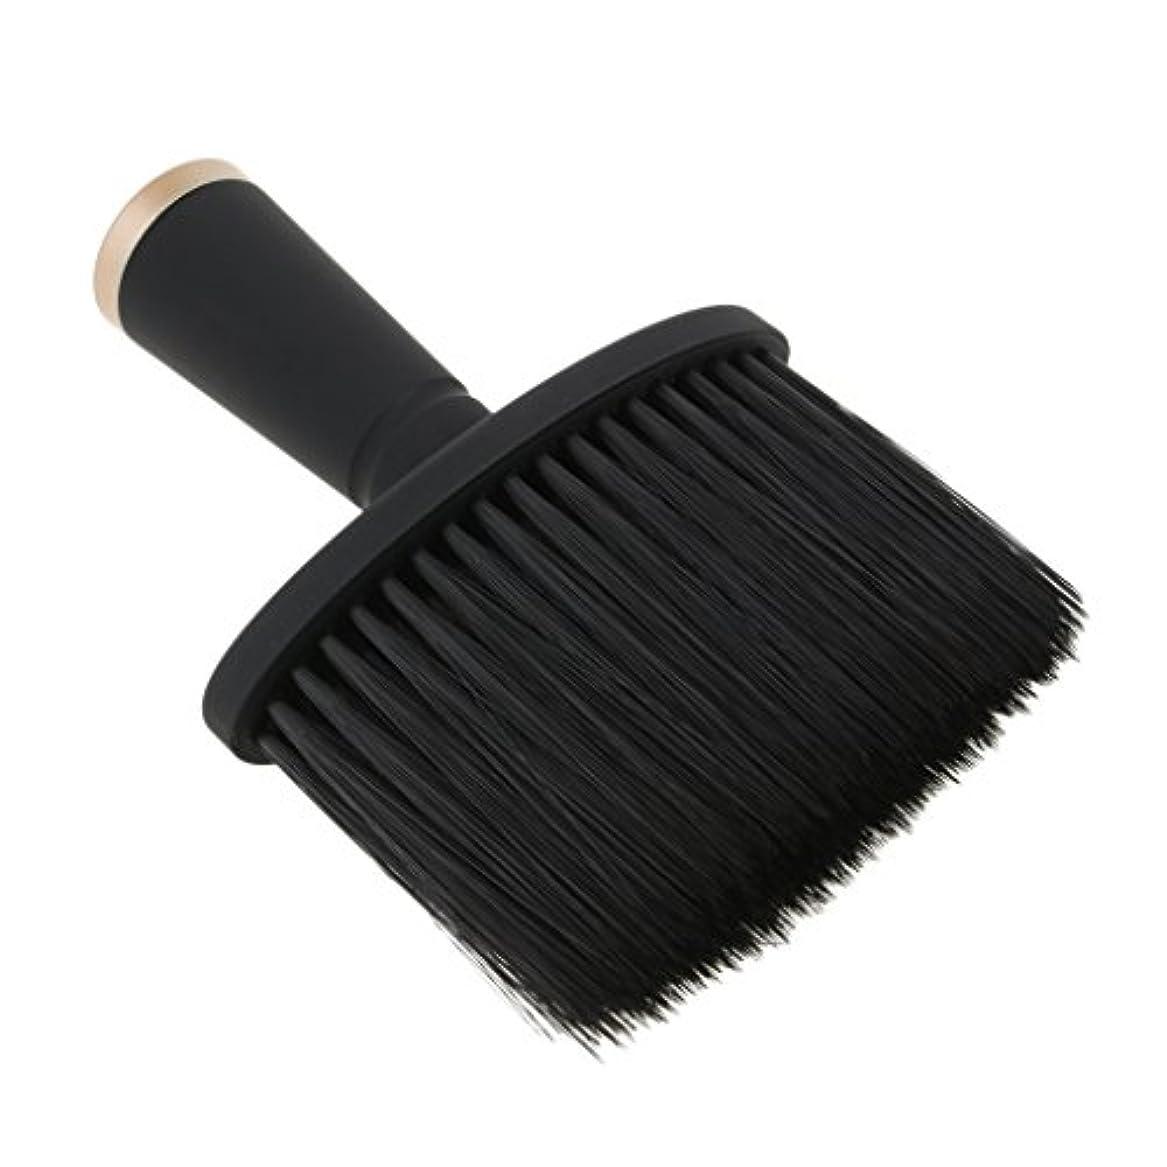 ネックダスターブラシ ヘアカット ヘアブラシ ソフト サロン ヘアスタイリスト 理髪 全2色 - ゴールド